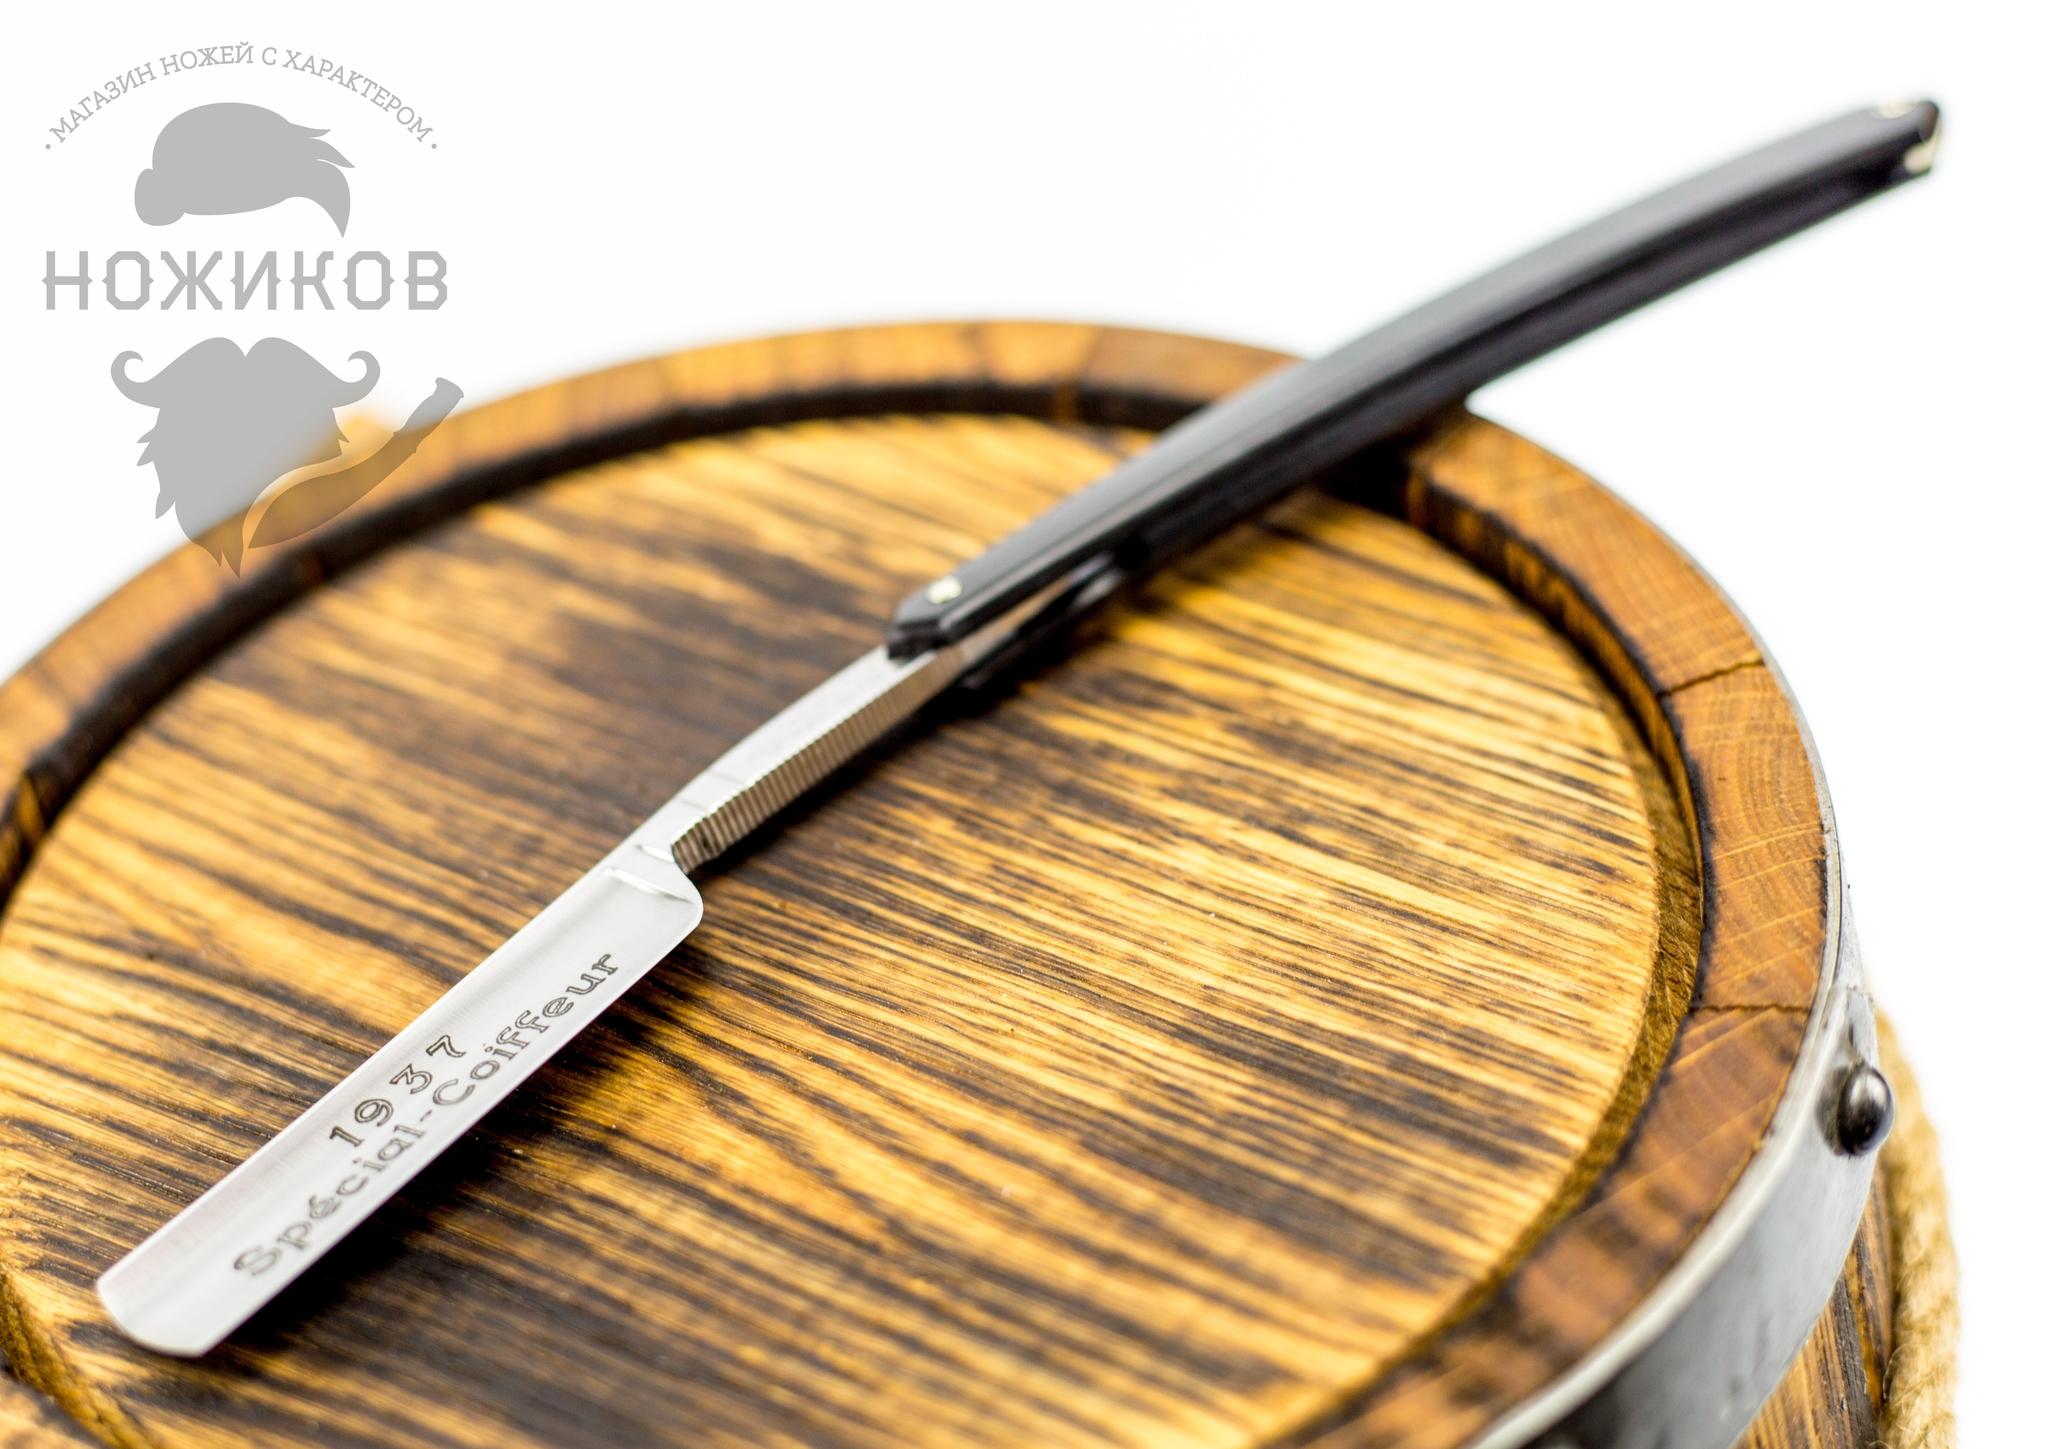 """Опасная бритва Razor 5/8 275 Special Coiffeur Black Plastic от Магазин ножей """"Ножиков"""""""